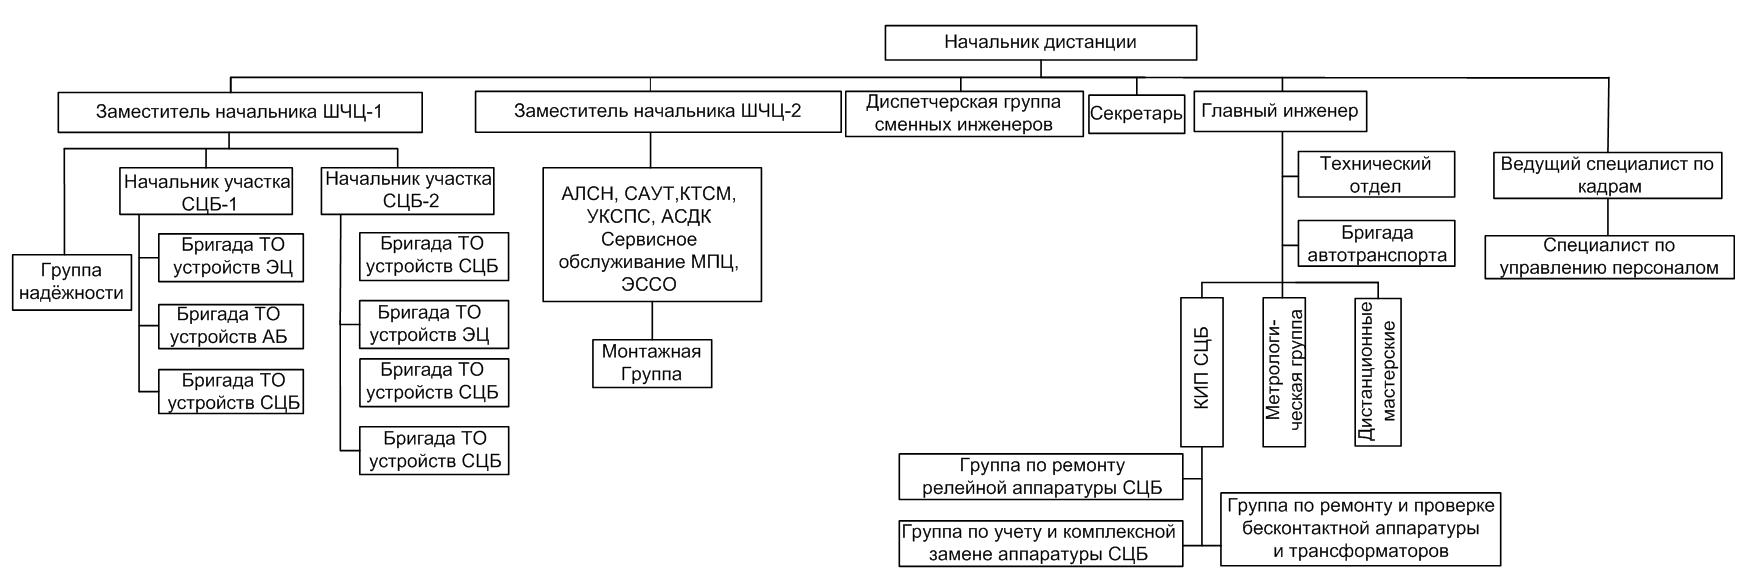 Отчет по практике электромонтера сцб 3726